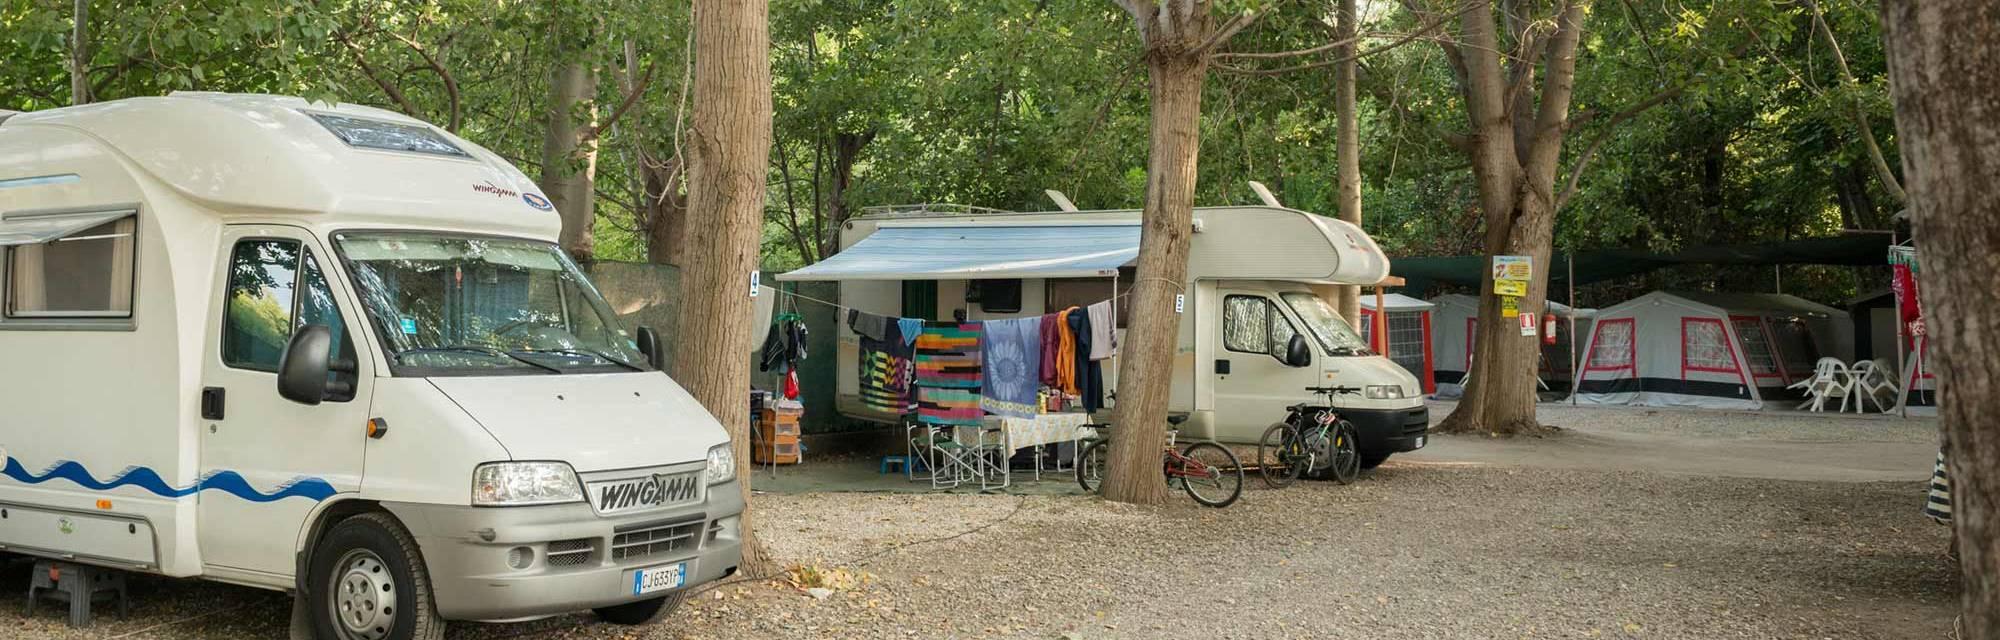 Camper a Palinuro, Cilento